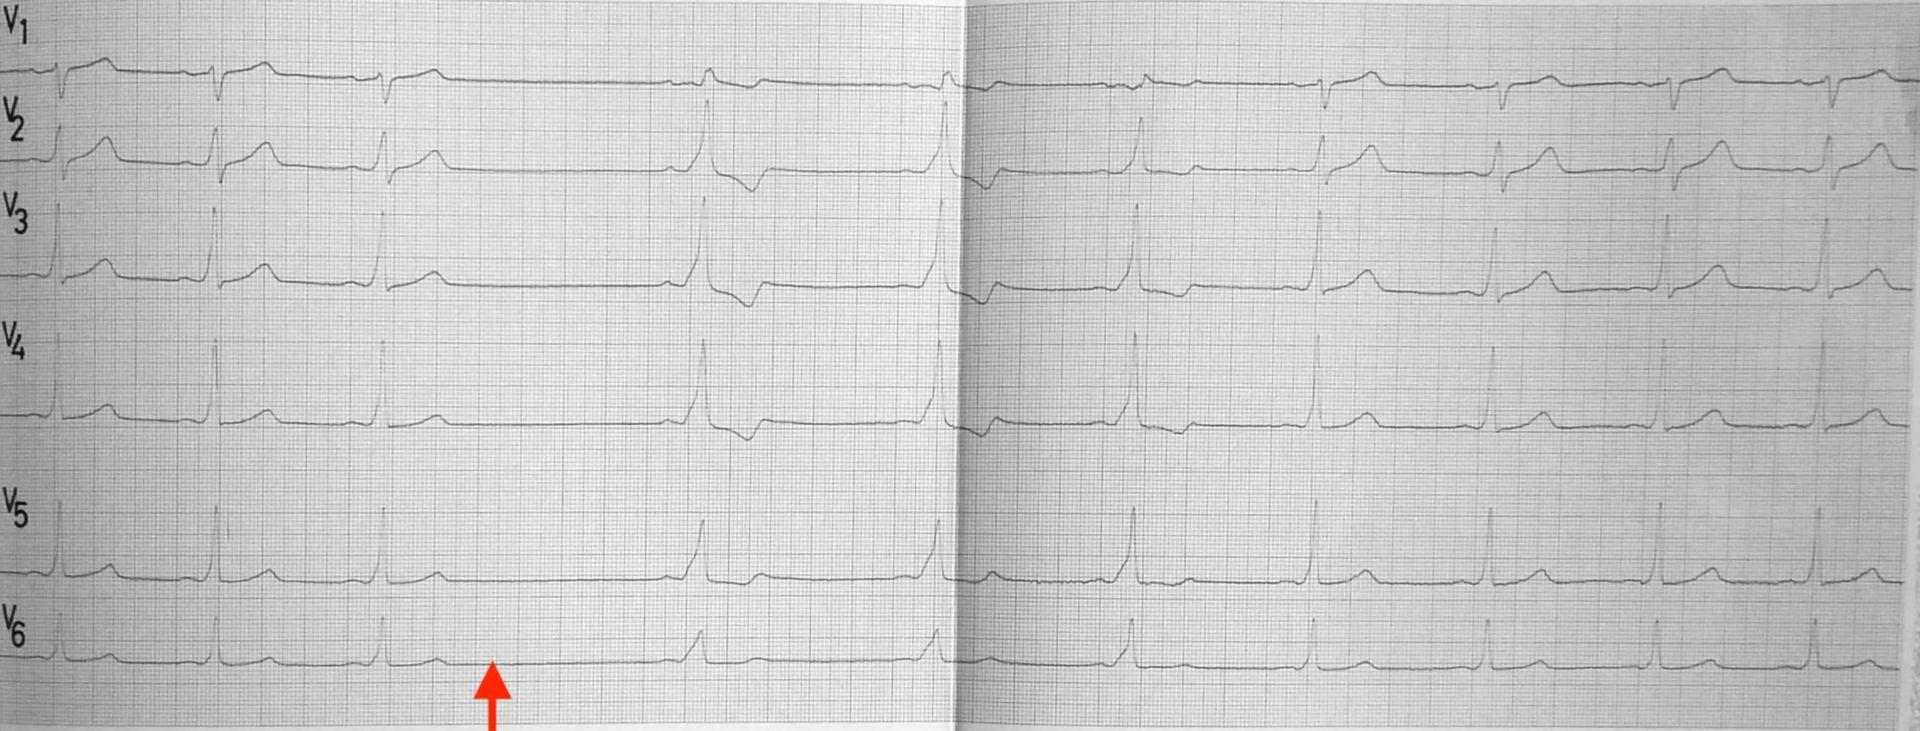 Elektrokardiogramm: Der rote Pfeil zeigt das Einsetzen von erhöhtem Vagotonus durch einen Carotis-Druckversuch.